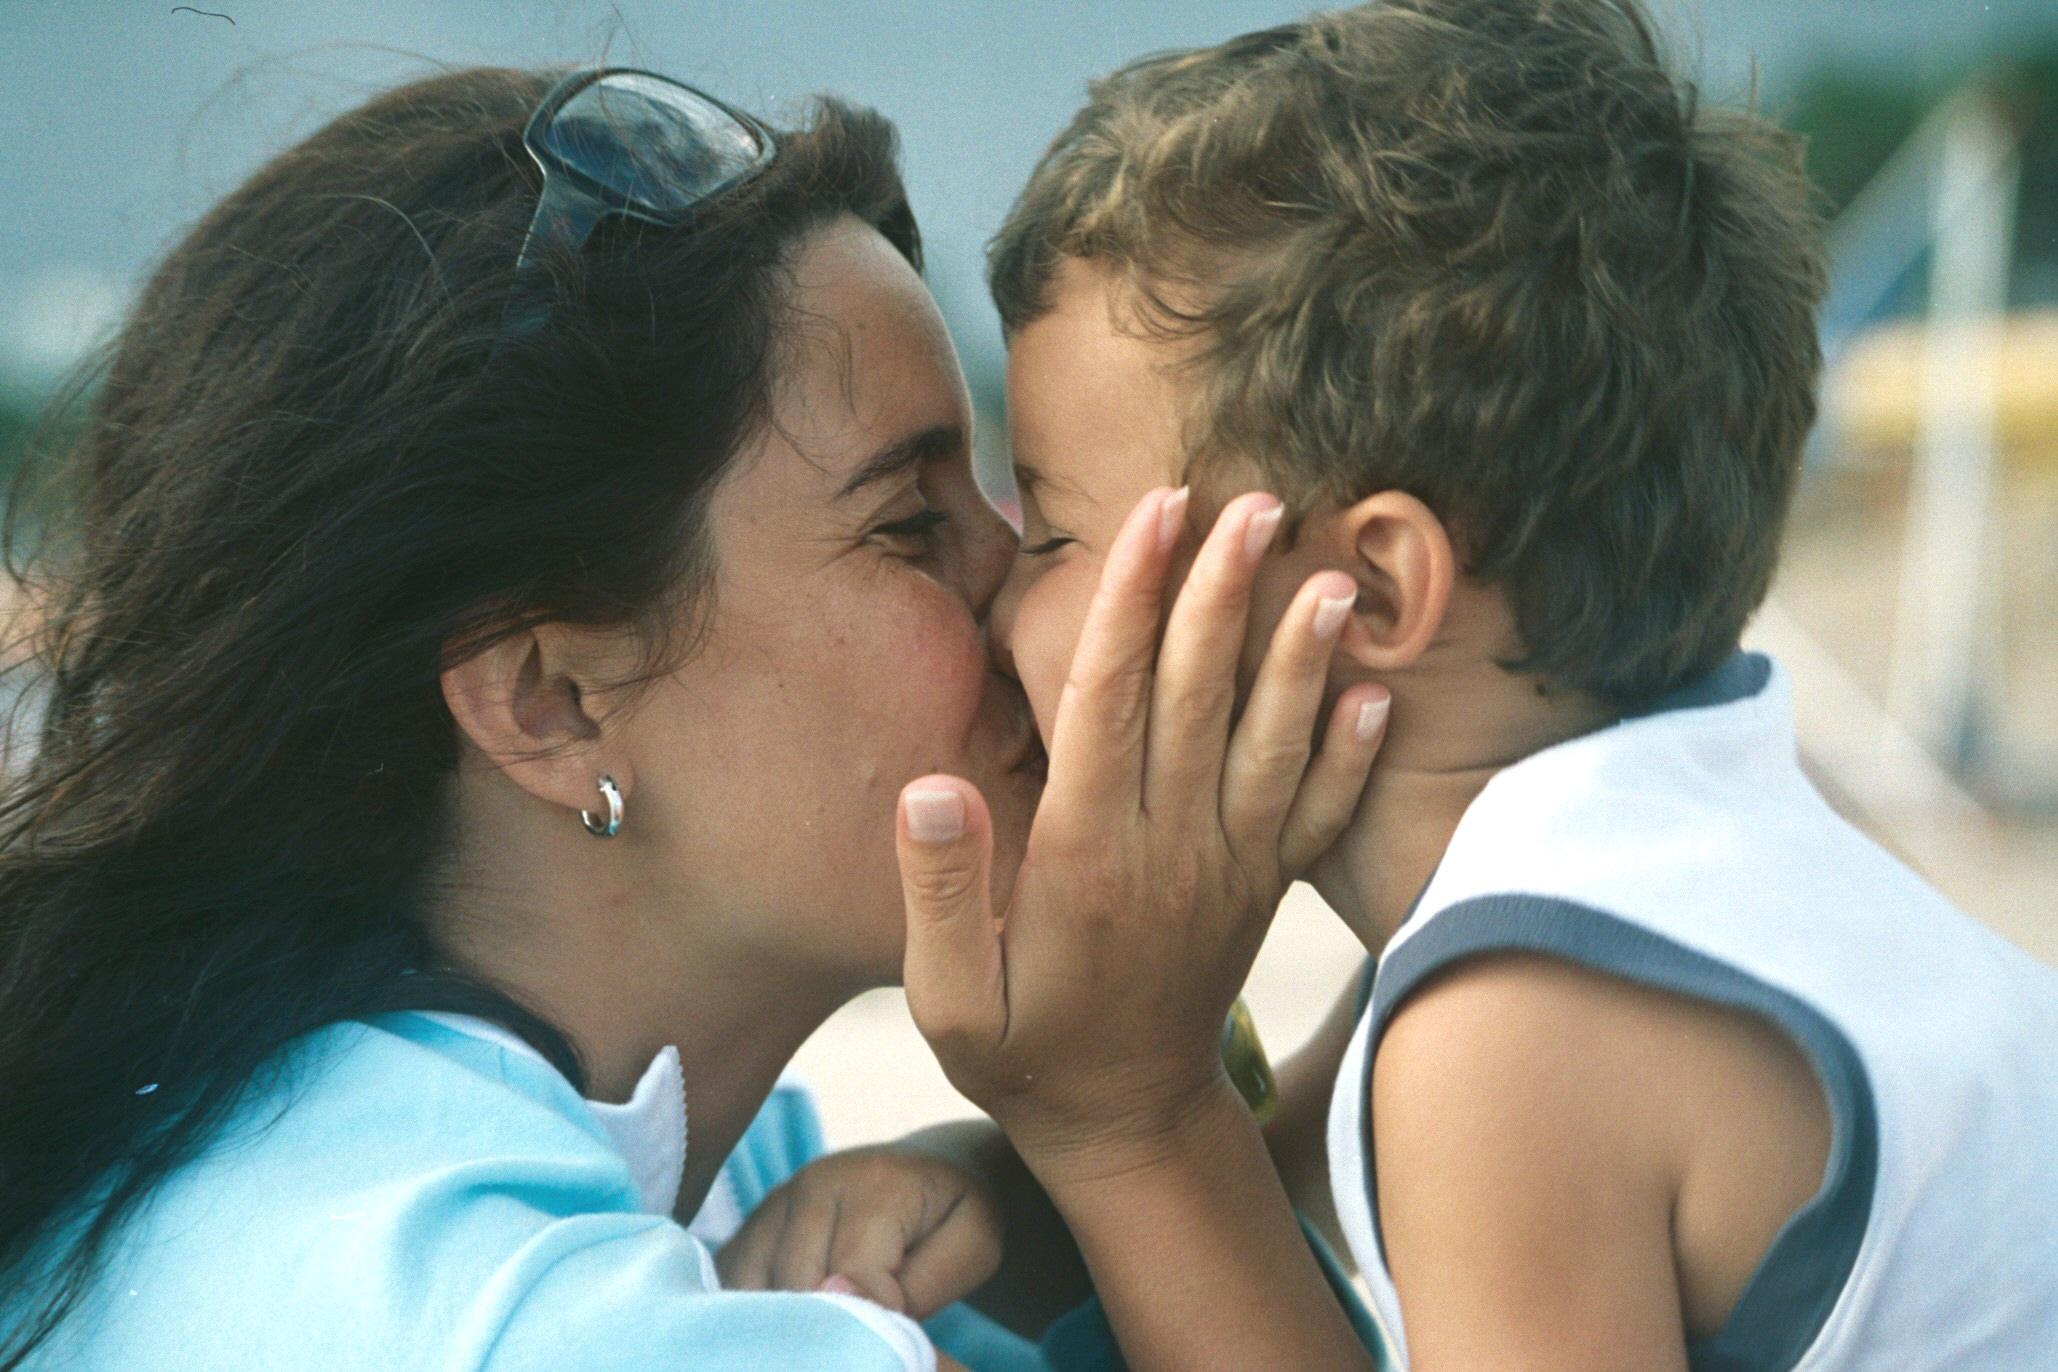 Сын чмокнул свою мать, Сын ебёт маму -видео. Смотреть сын ебёт маму 12 фотография